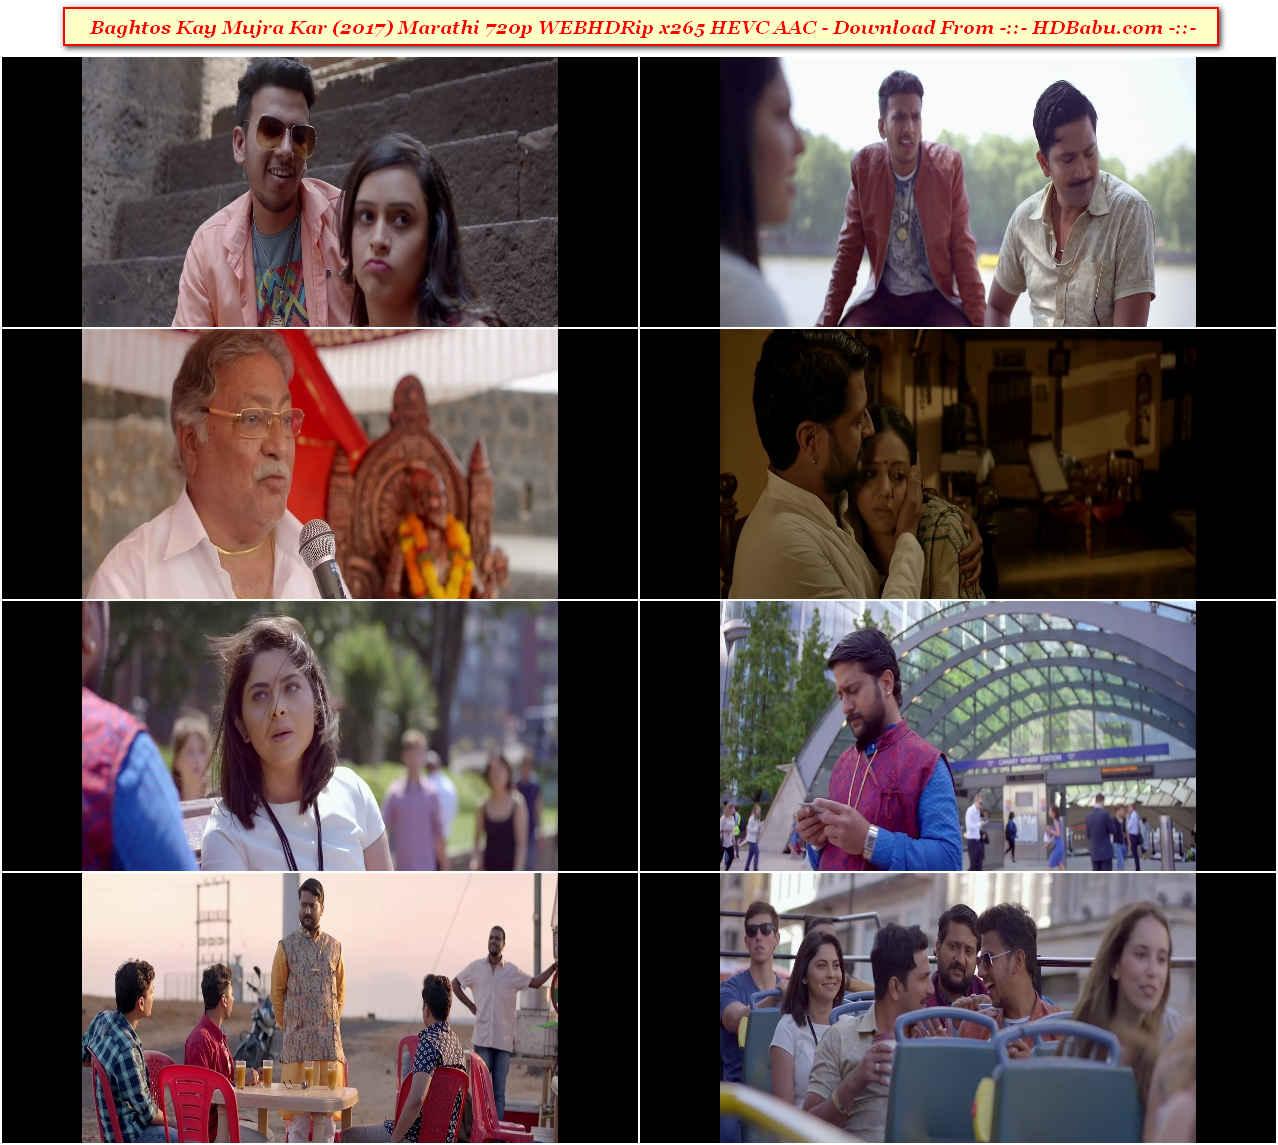 Baghtos Kay Mujra Kar Movie Download